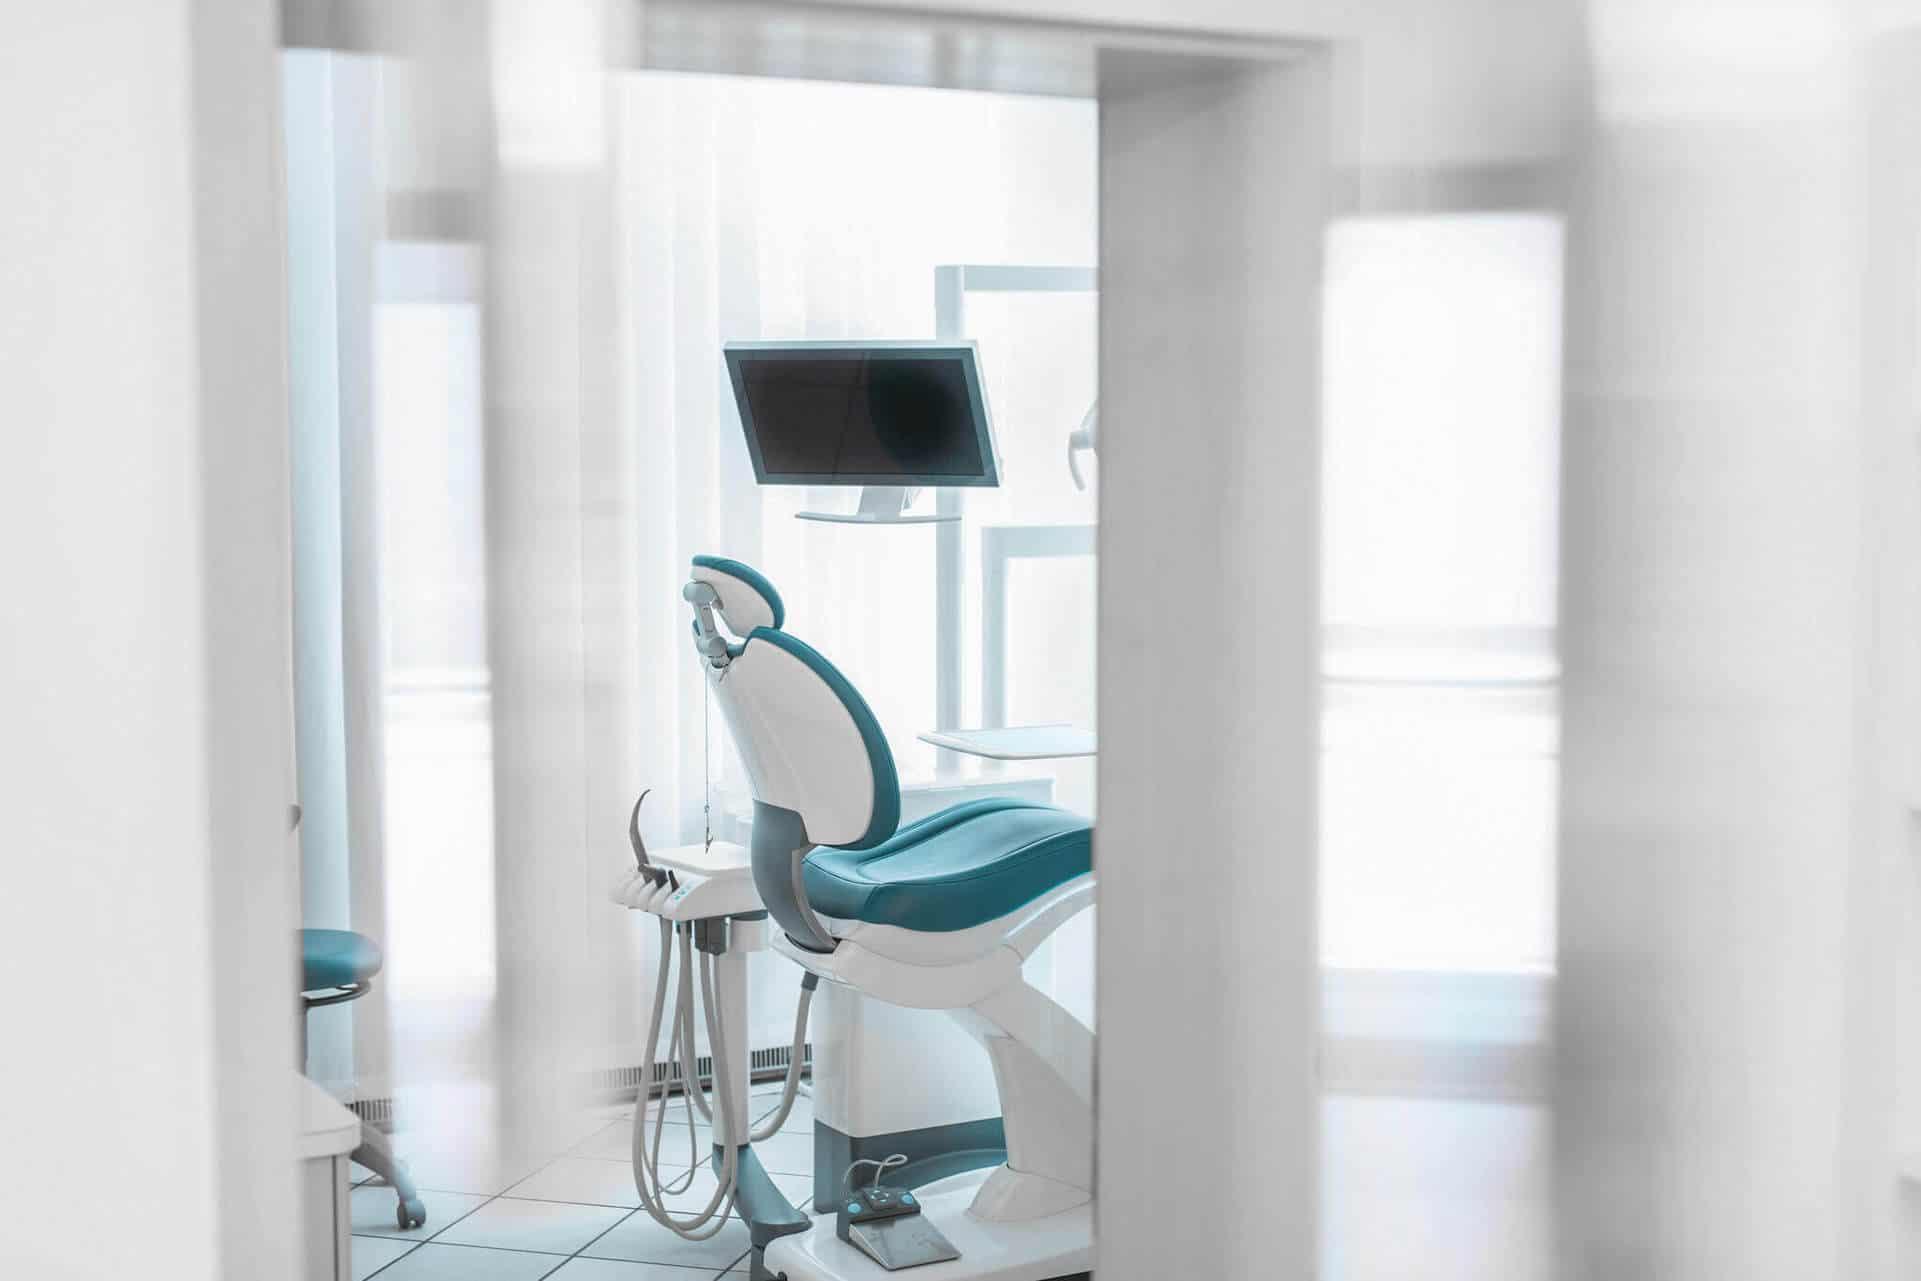 Zahnchirurgie Architektur Fotografie